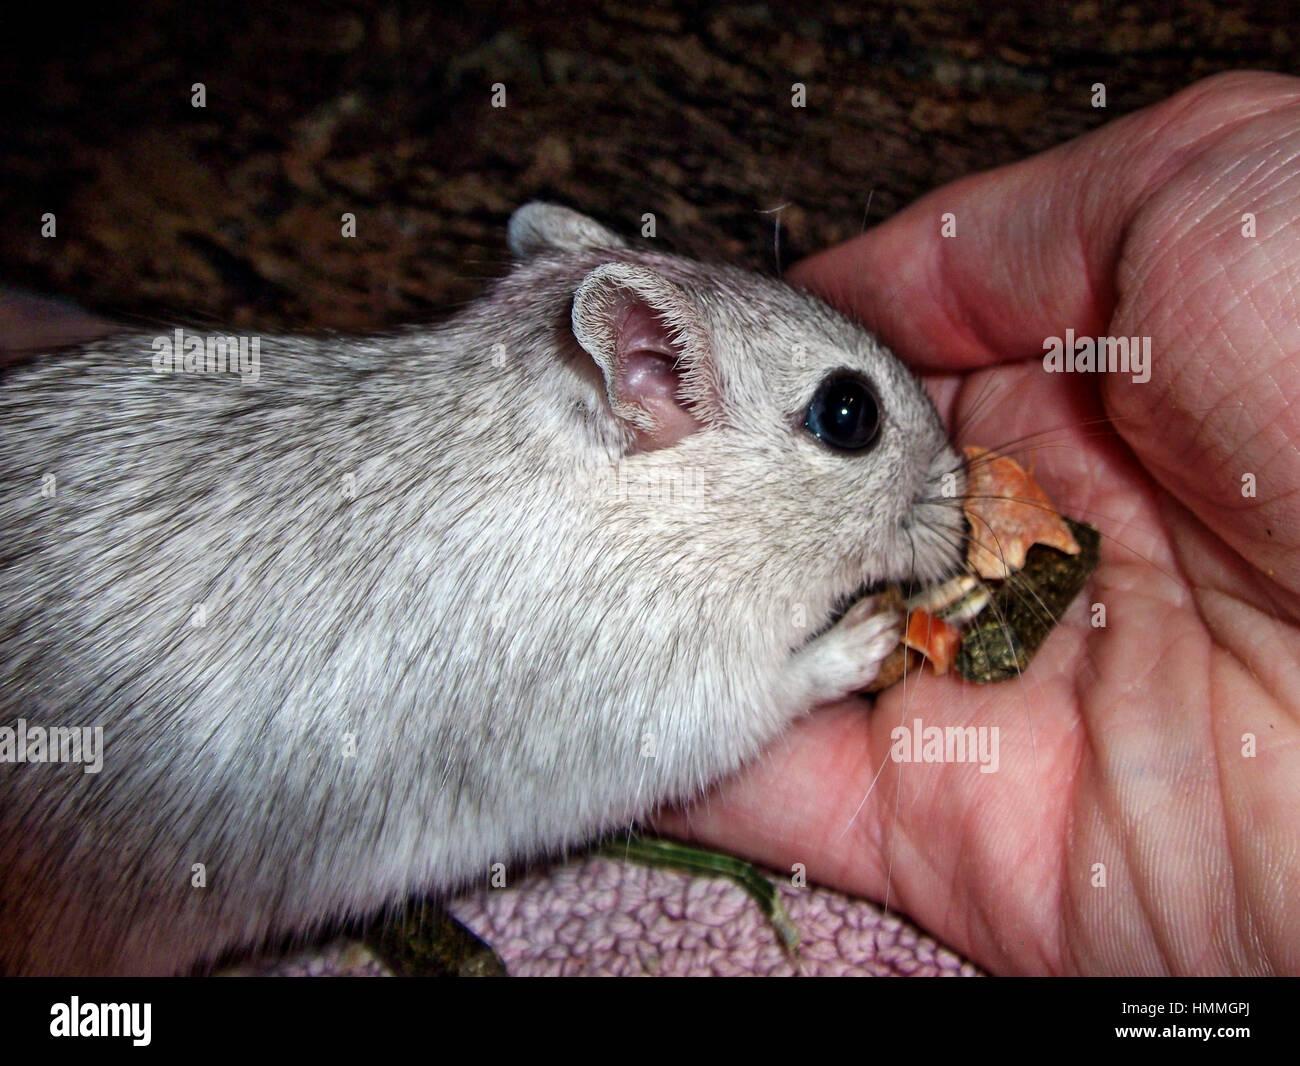 Wüstenrennmaus essen Körner von hand Stockfoto